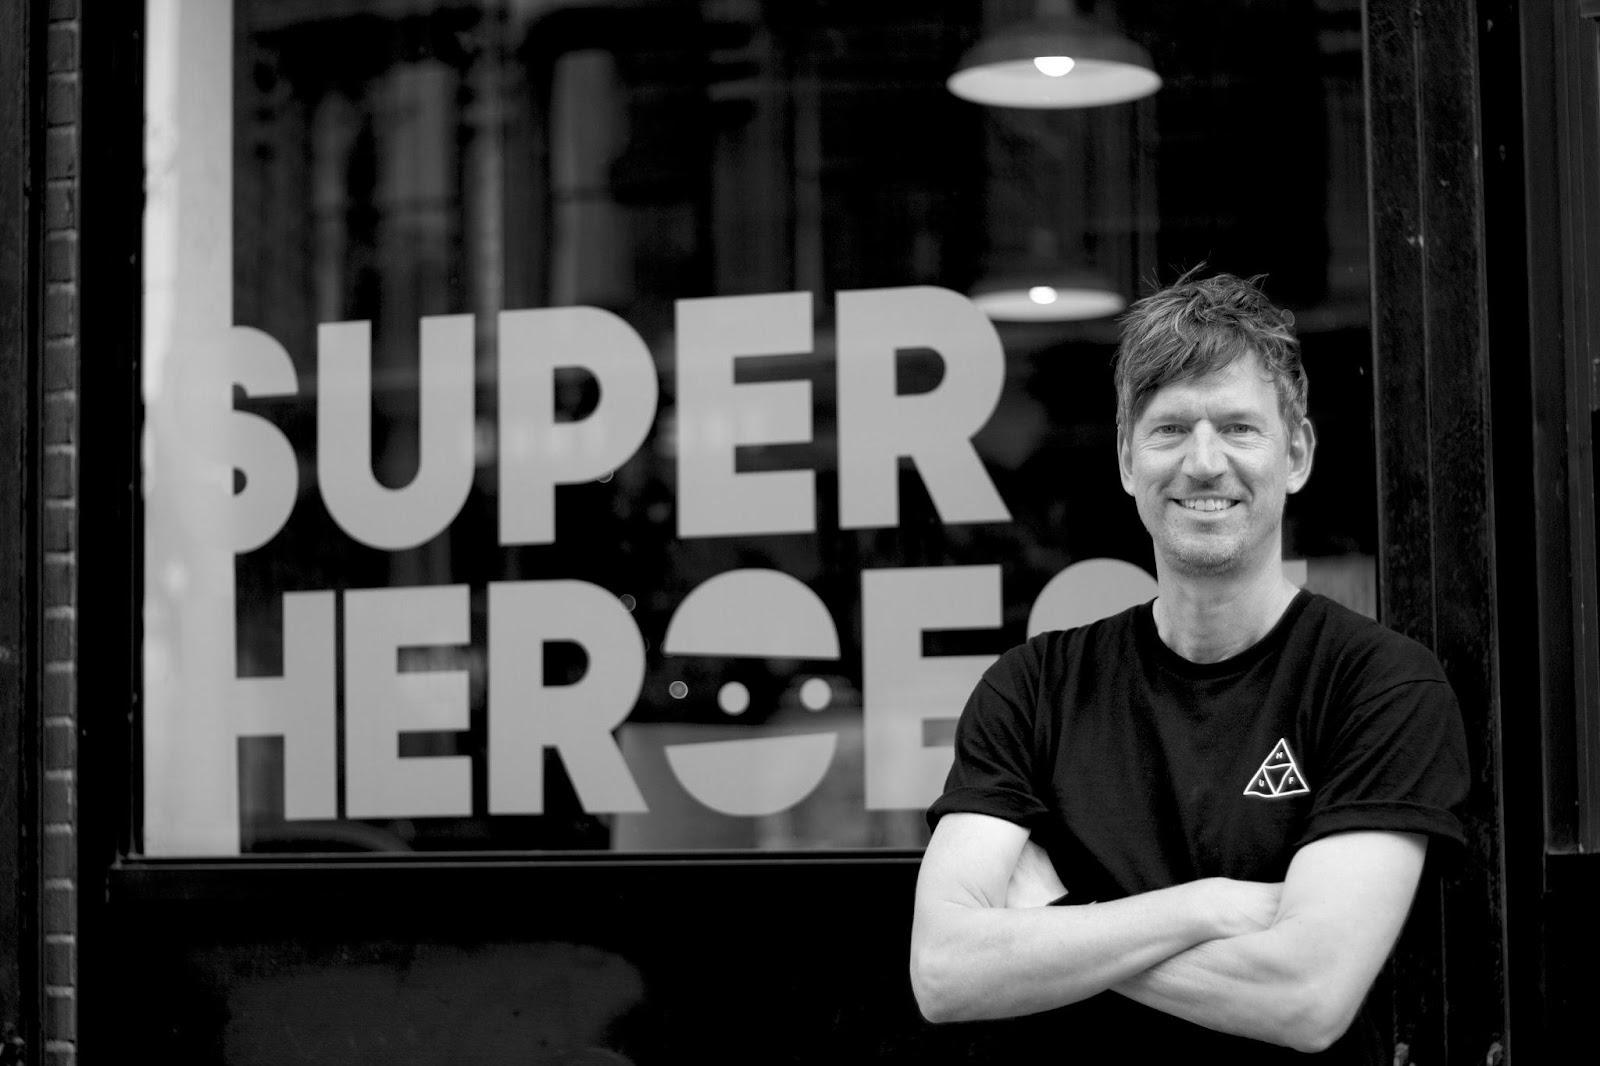 Rogier Vijverberg is one of the founders of SuperHeroes